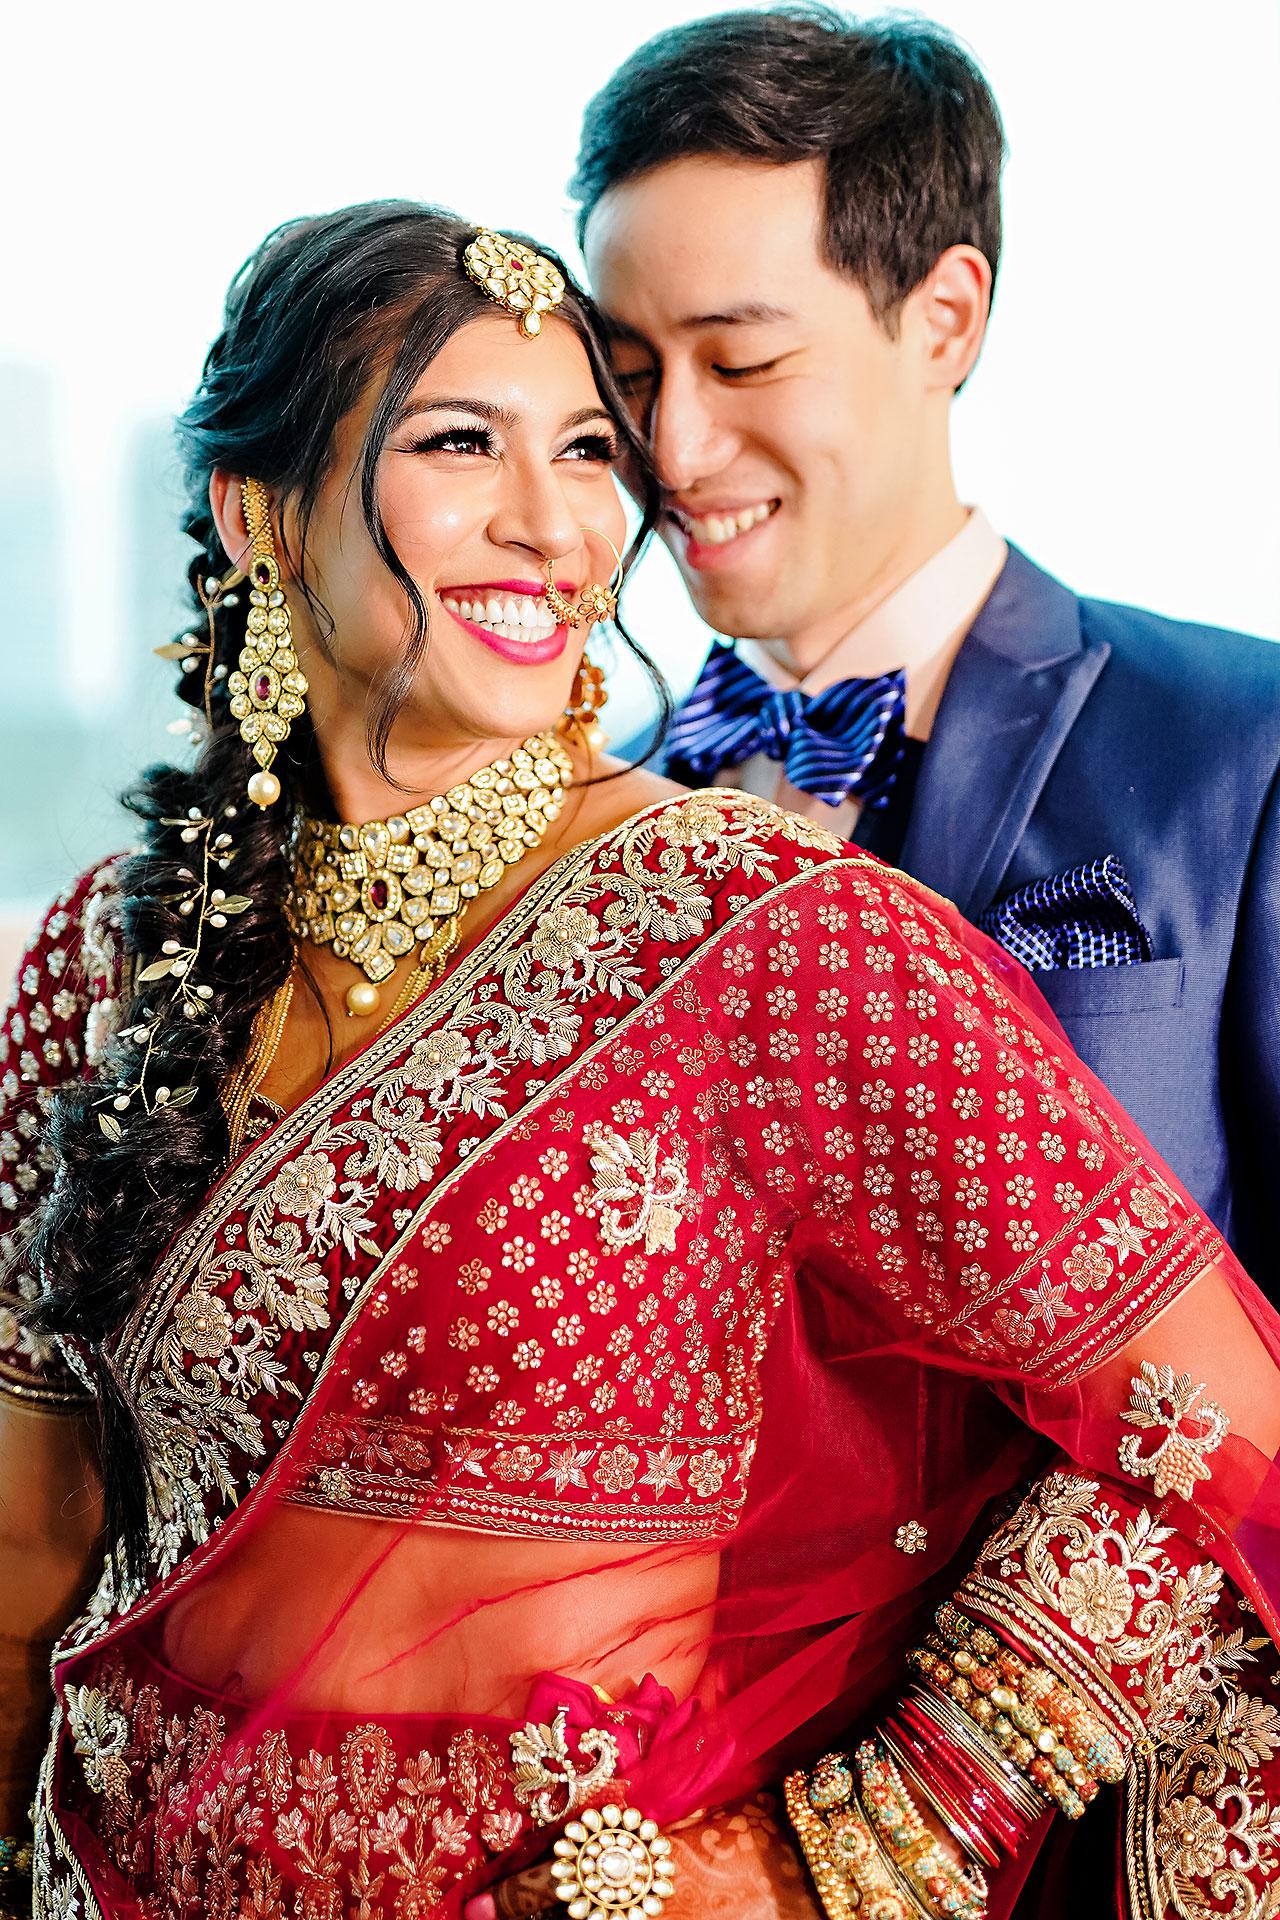 Ritika Jason Chinese Indian Fusion Wedding Ceremony 104